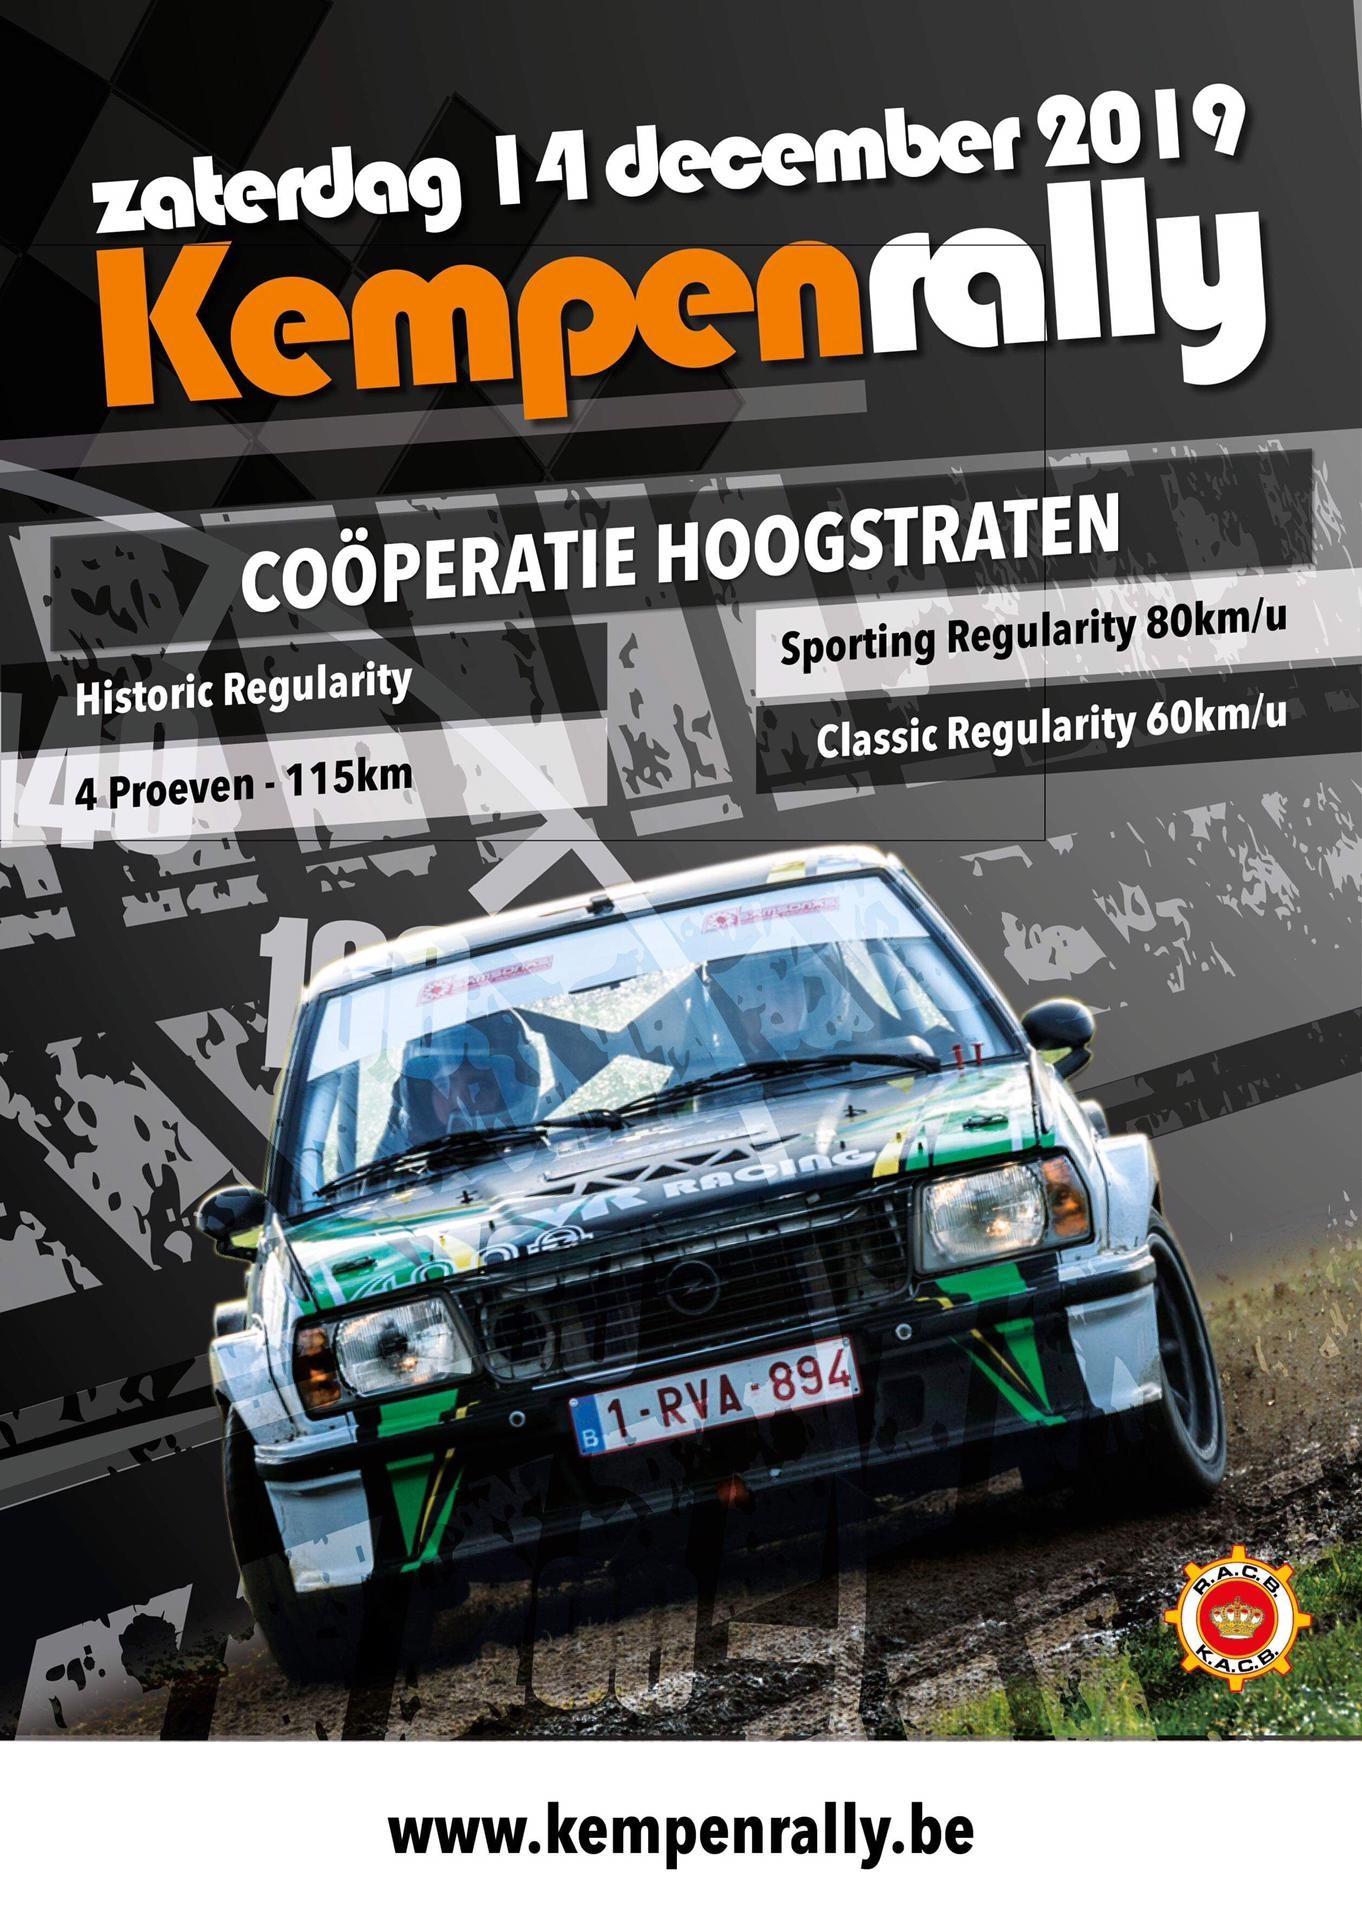 Kempenrally 2019 – Hoogstraten – 14 december